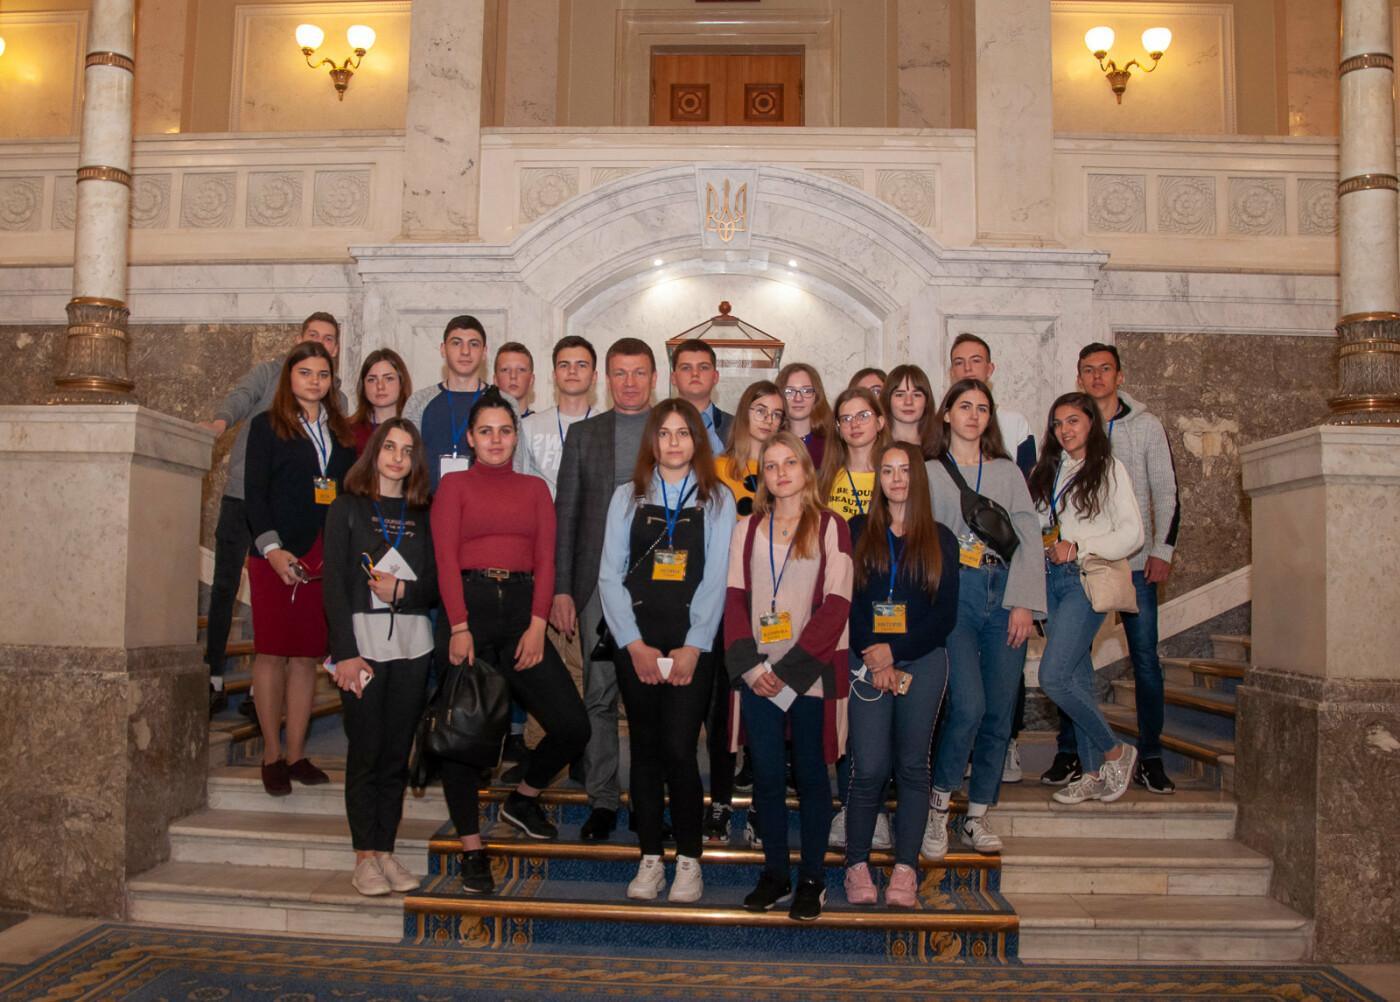 Подорож до парламенту: 20 закарпатських школярів виграли поїздку на освітню екскурсію до Верховної Ради (ВІДЕО), фото-7